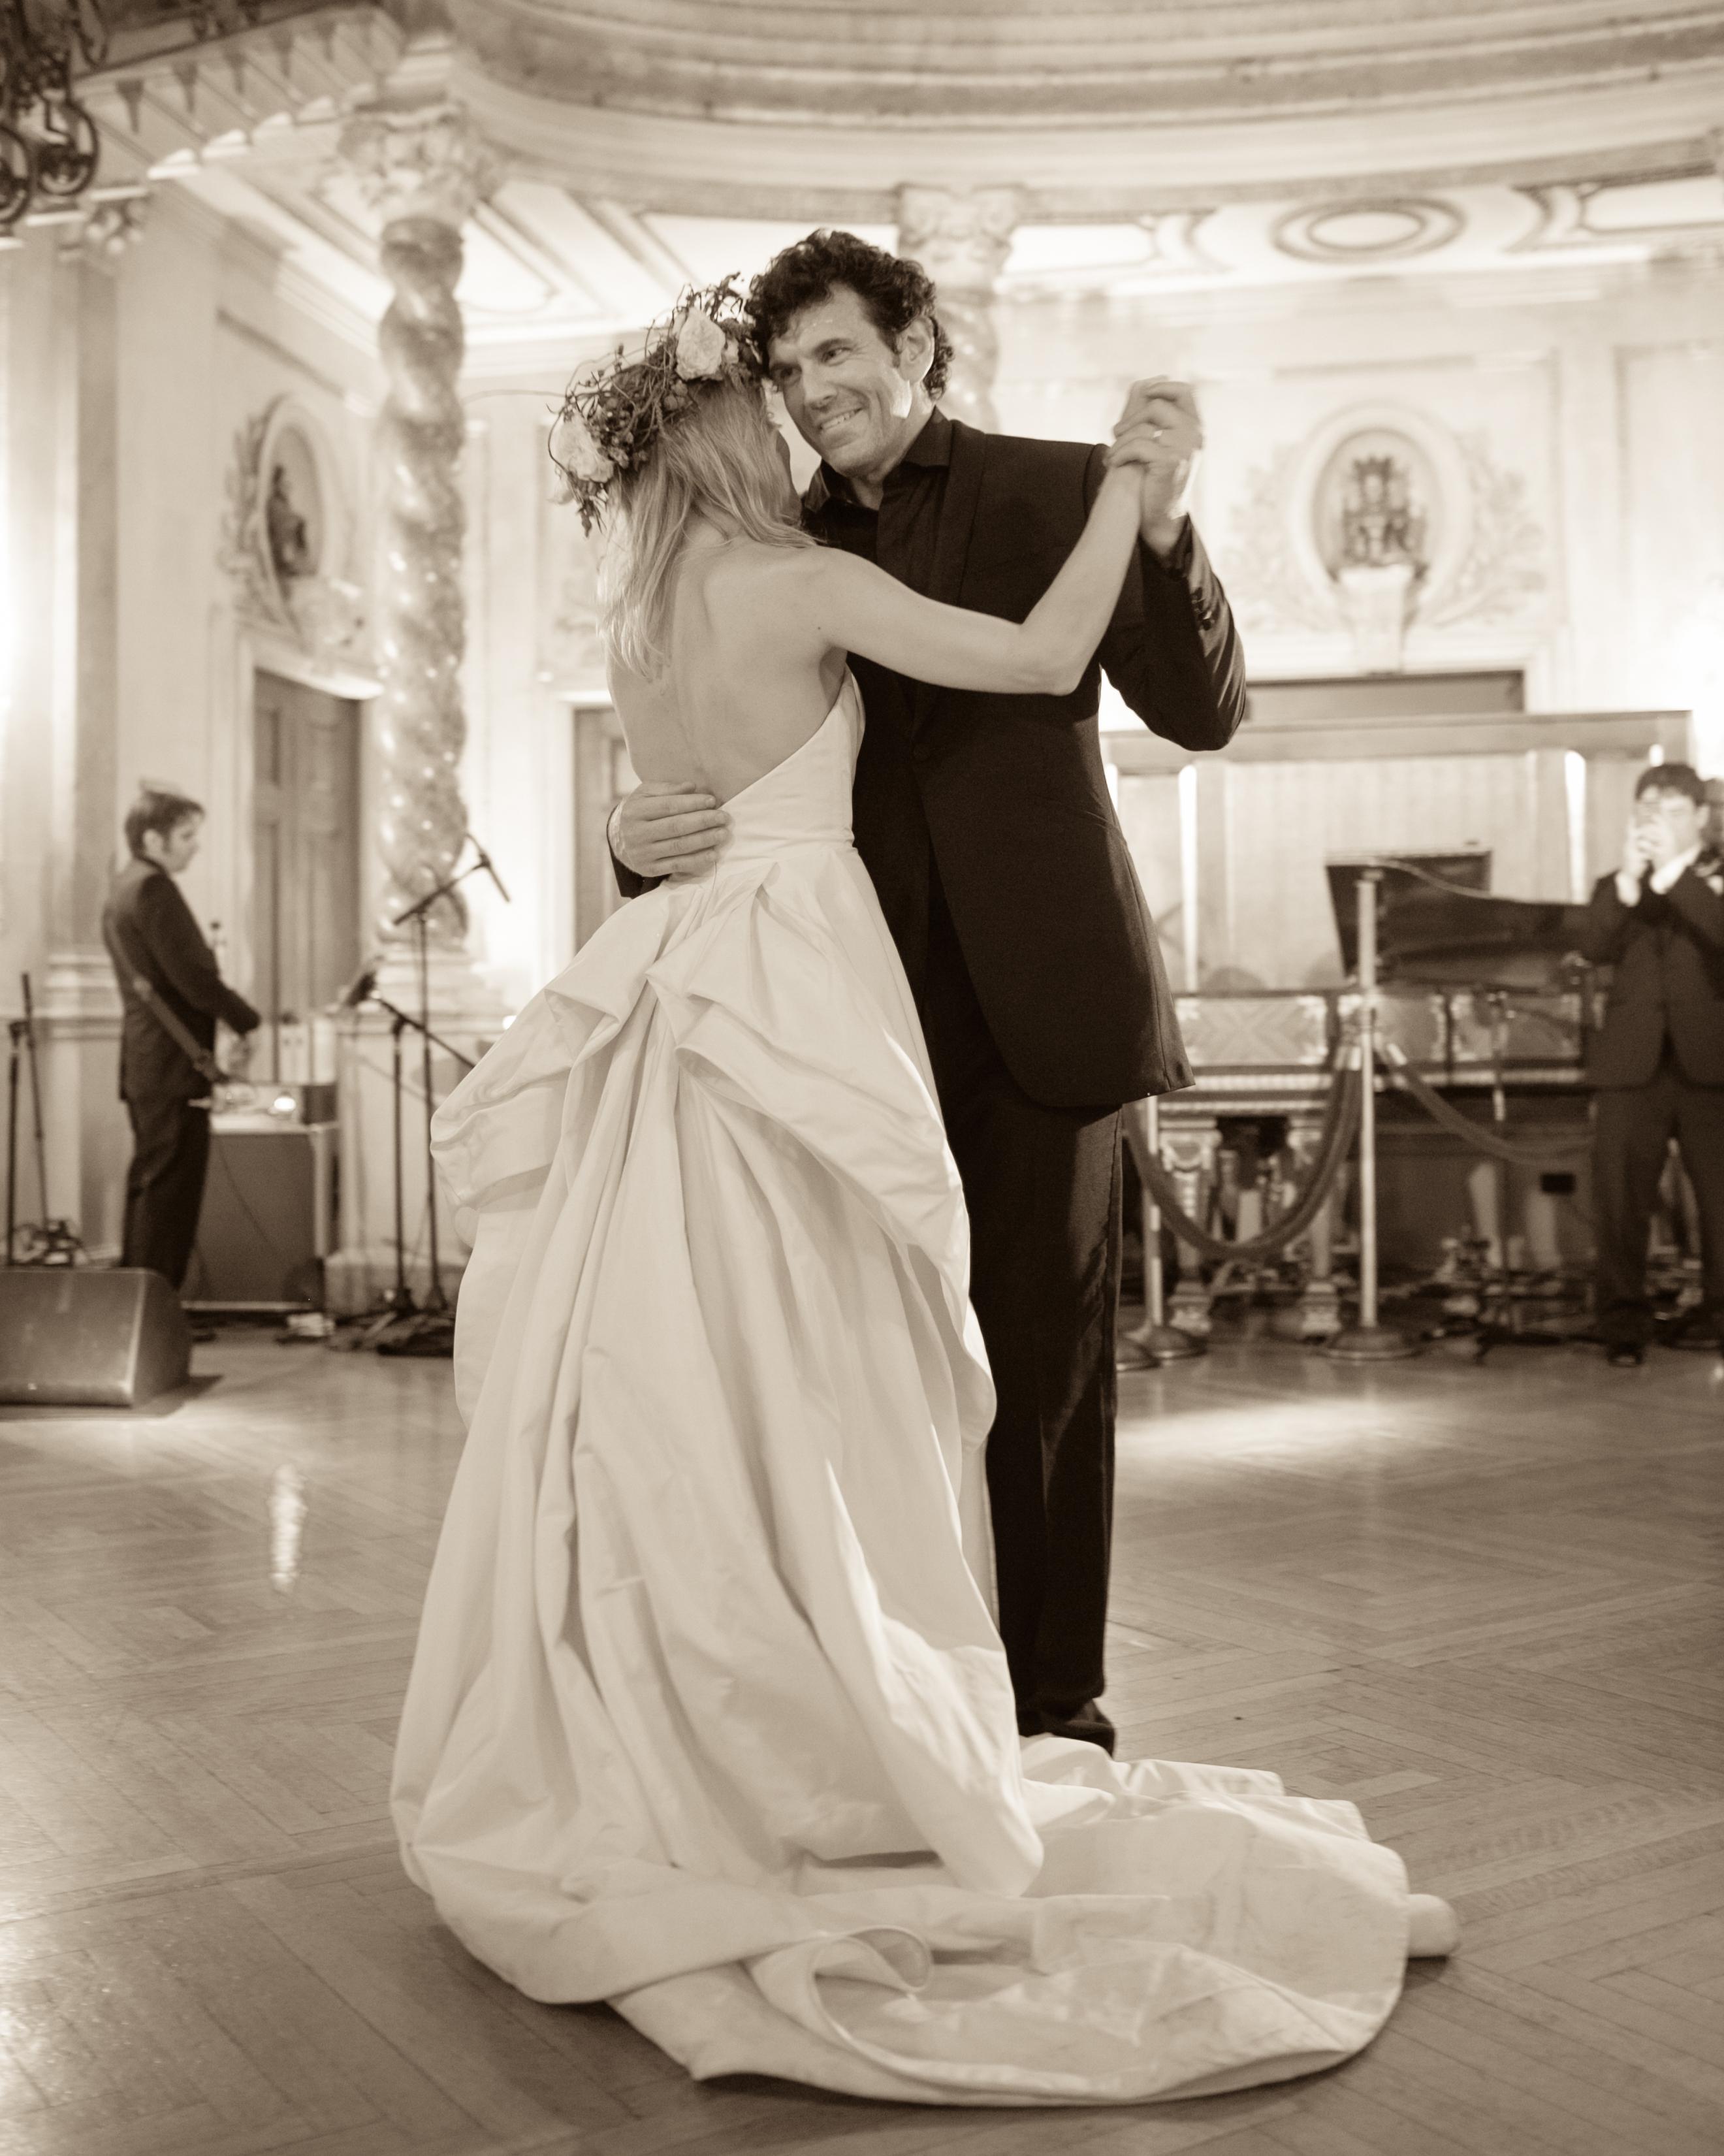 michelle-kimball-wedding-0119-s111580.jpg